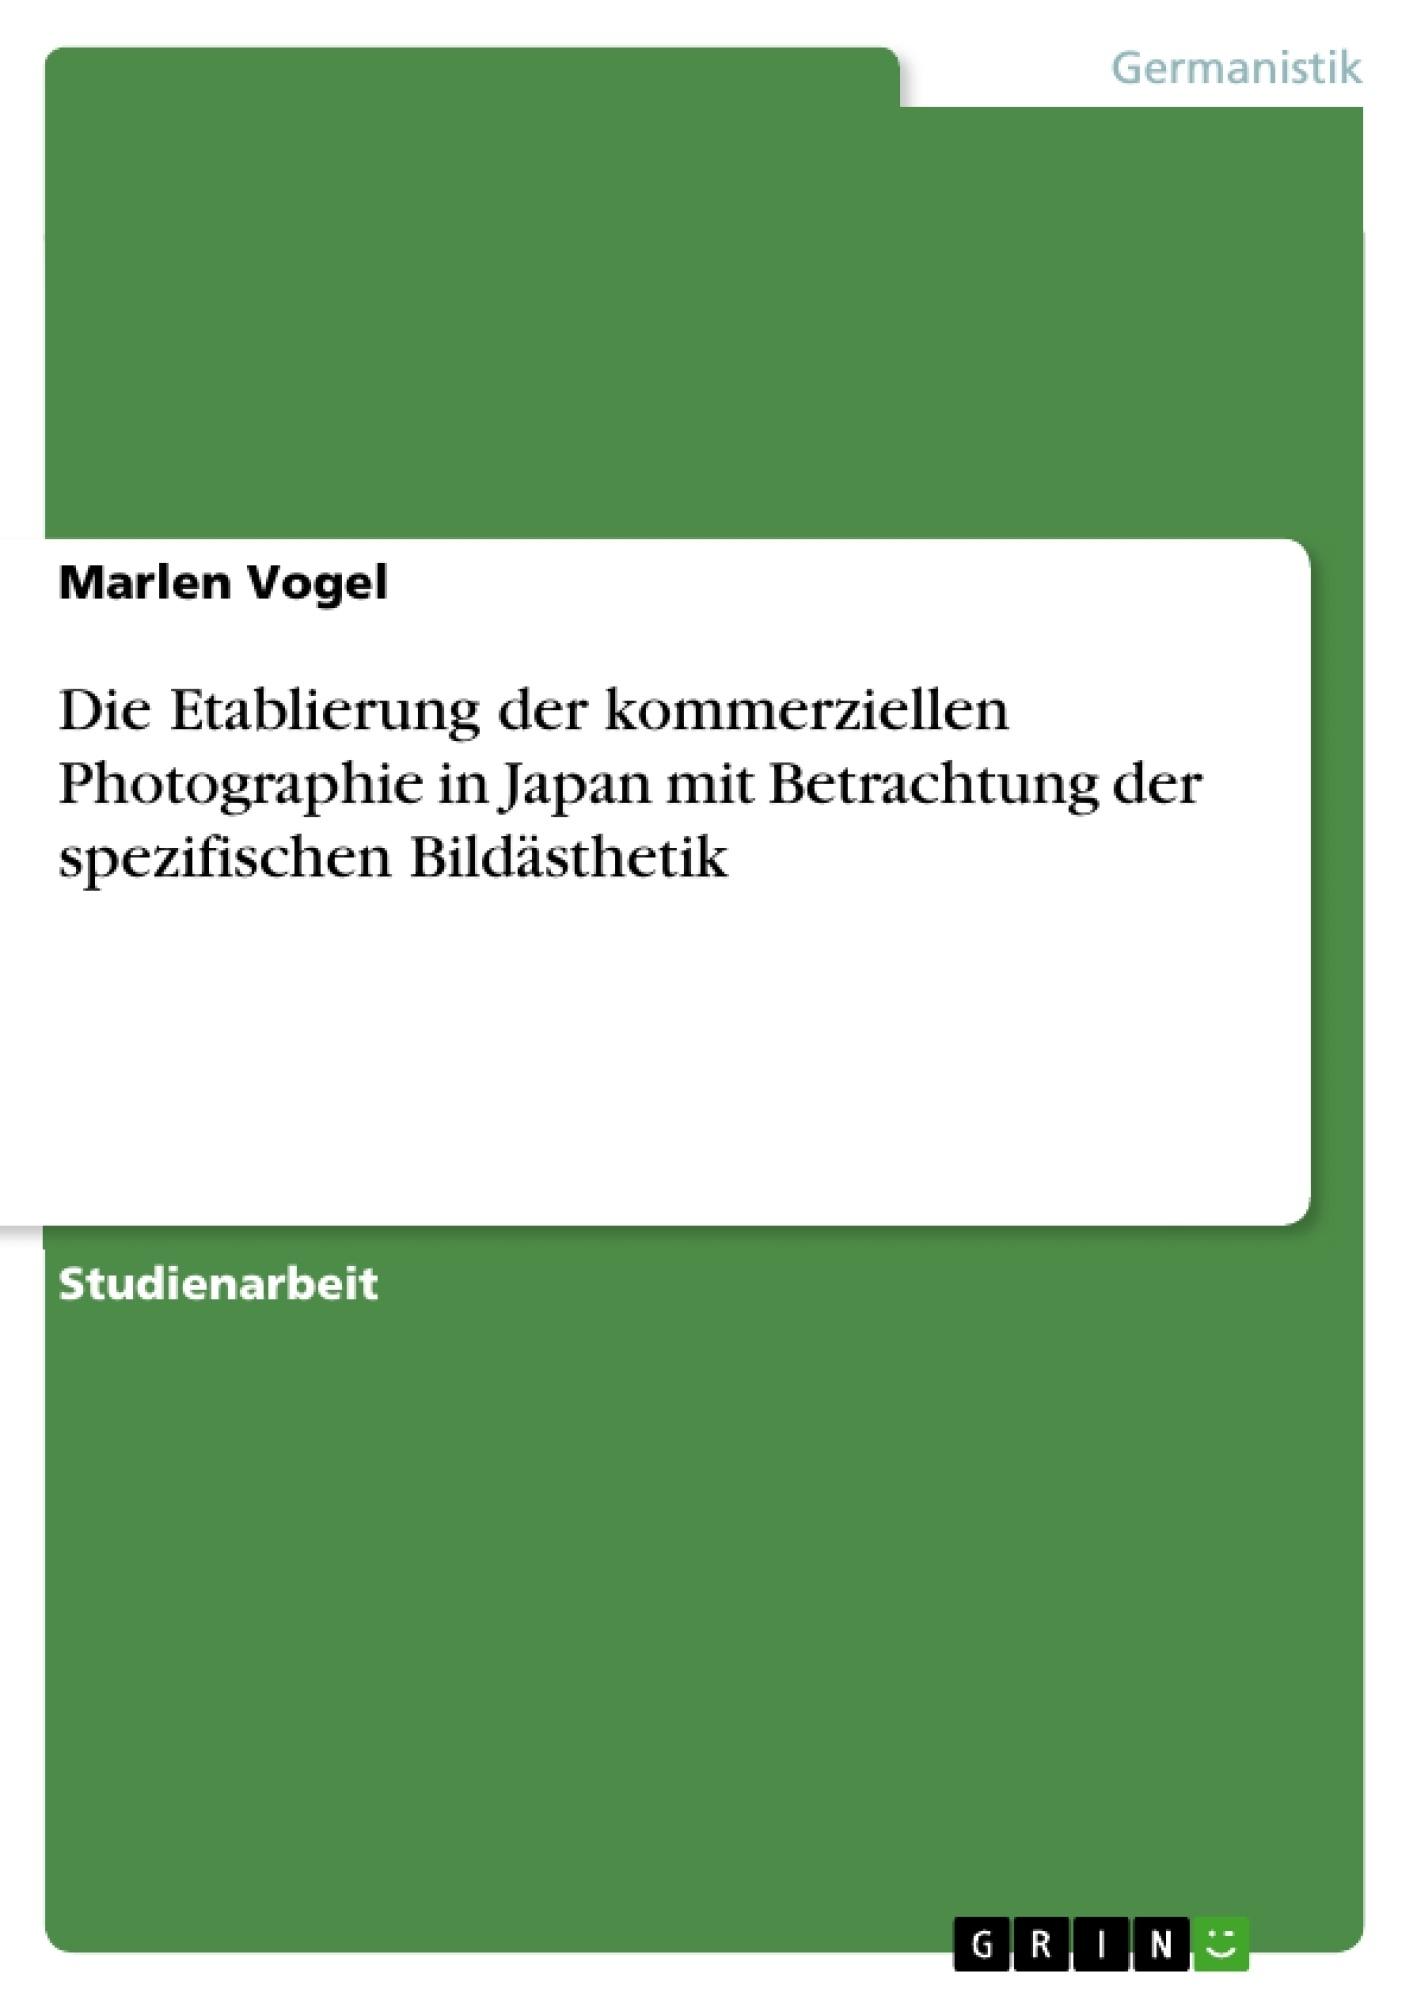 Titel: Die Etablierung der kommerziellen Photographie in Japan mit Betrachtung der spezifischen Bildästhetik